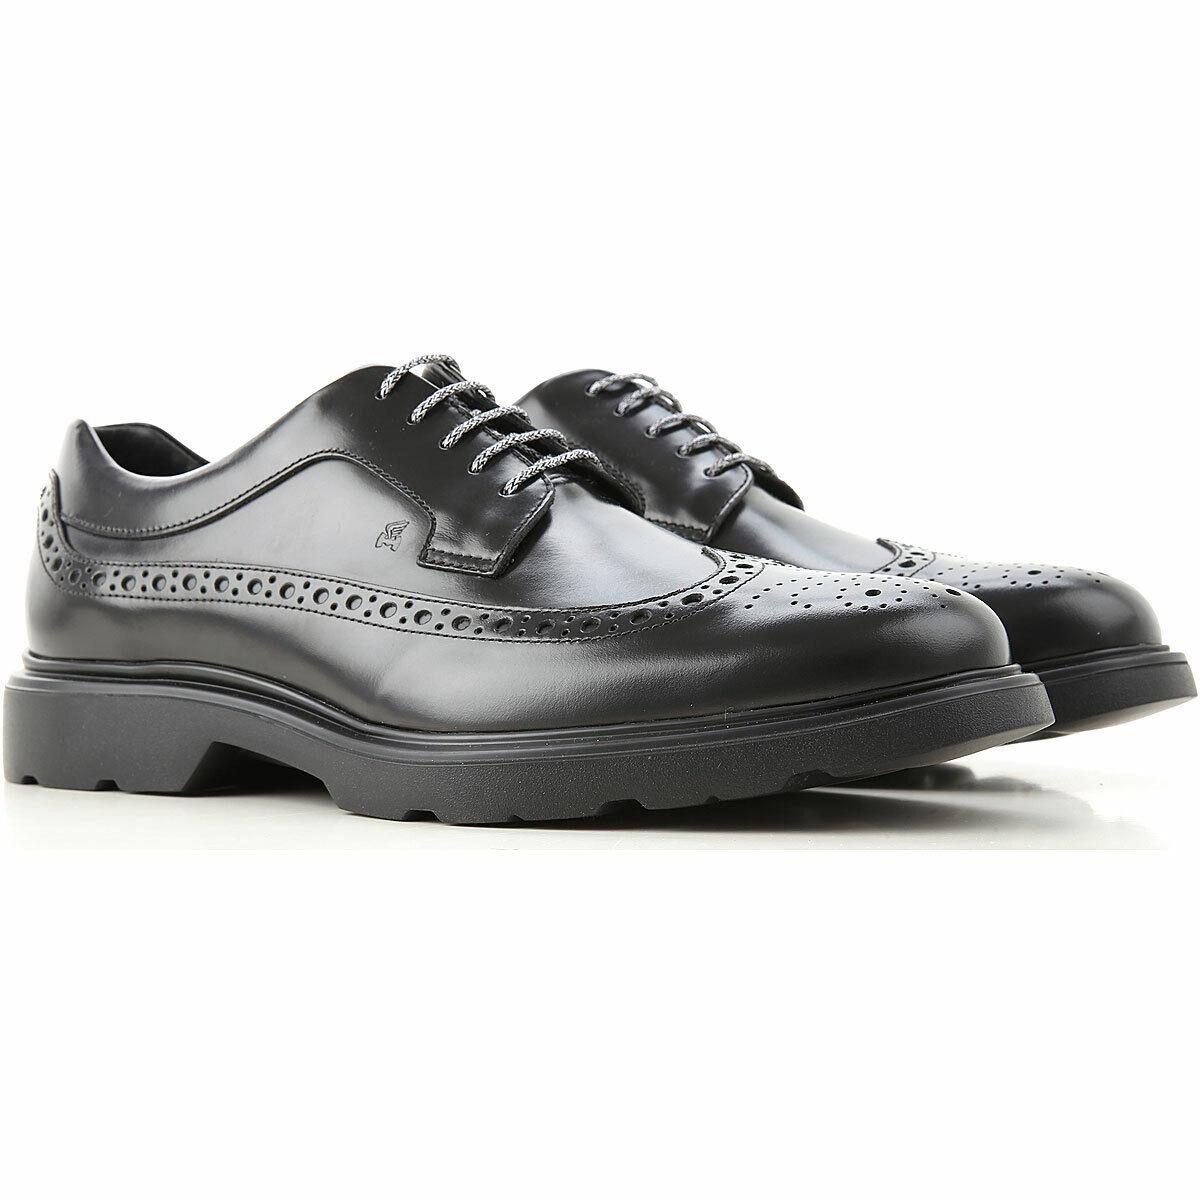 Hogan - Herren Schuhe mit Öffnungen Melone H393 Schwarz 6Q6B-ultime Paare ++ 30%